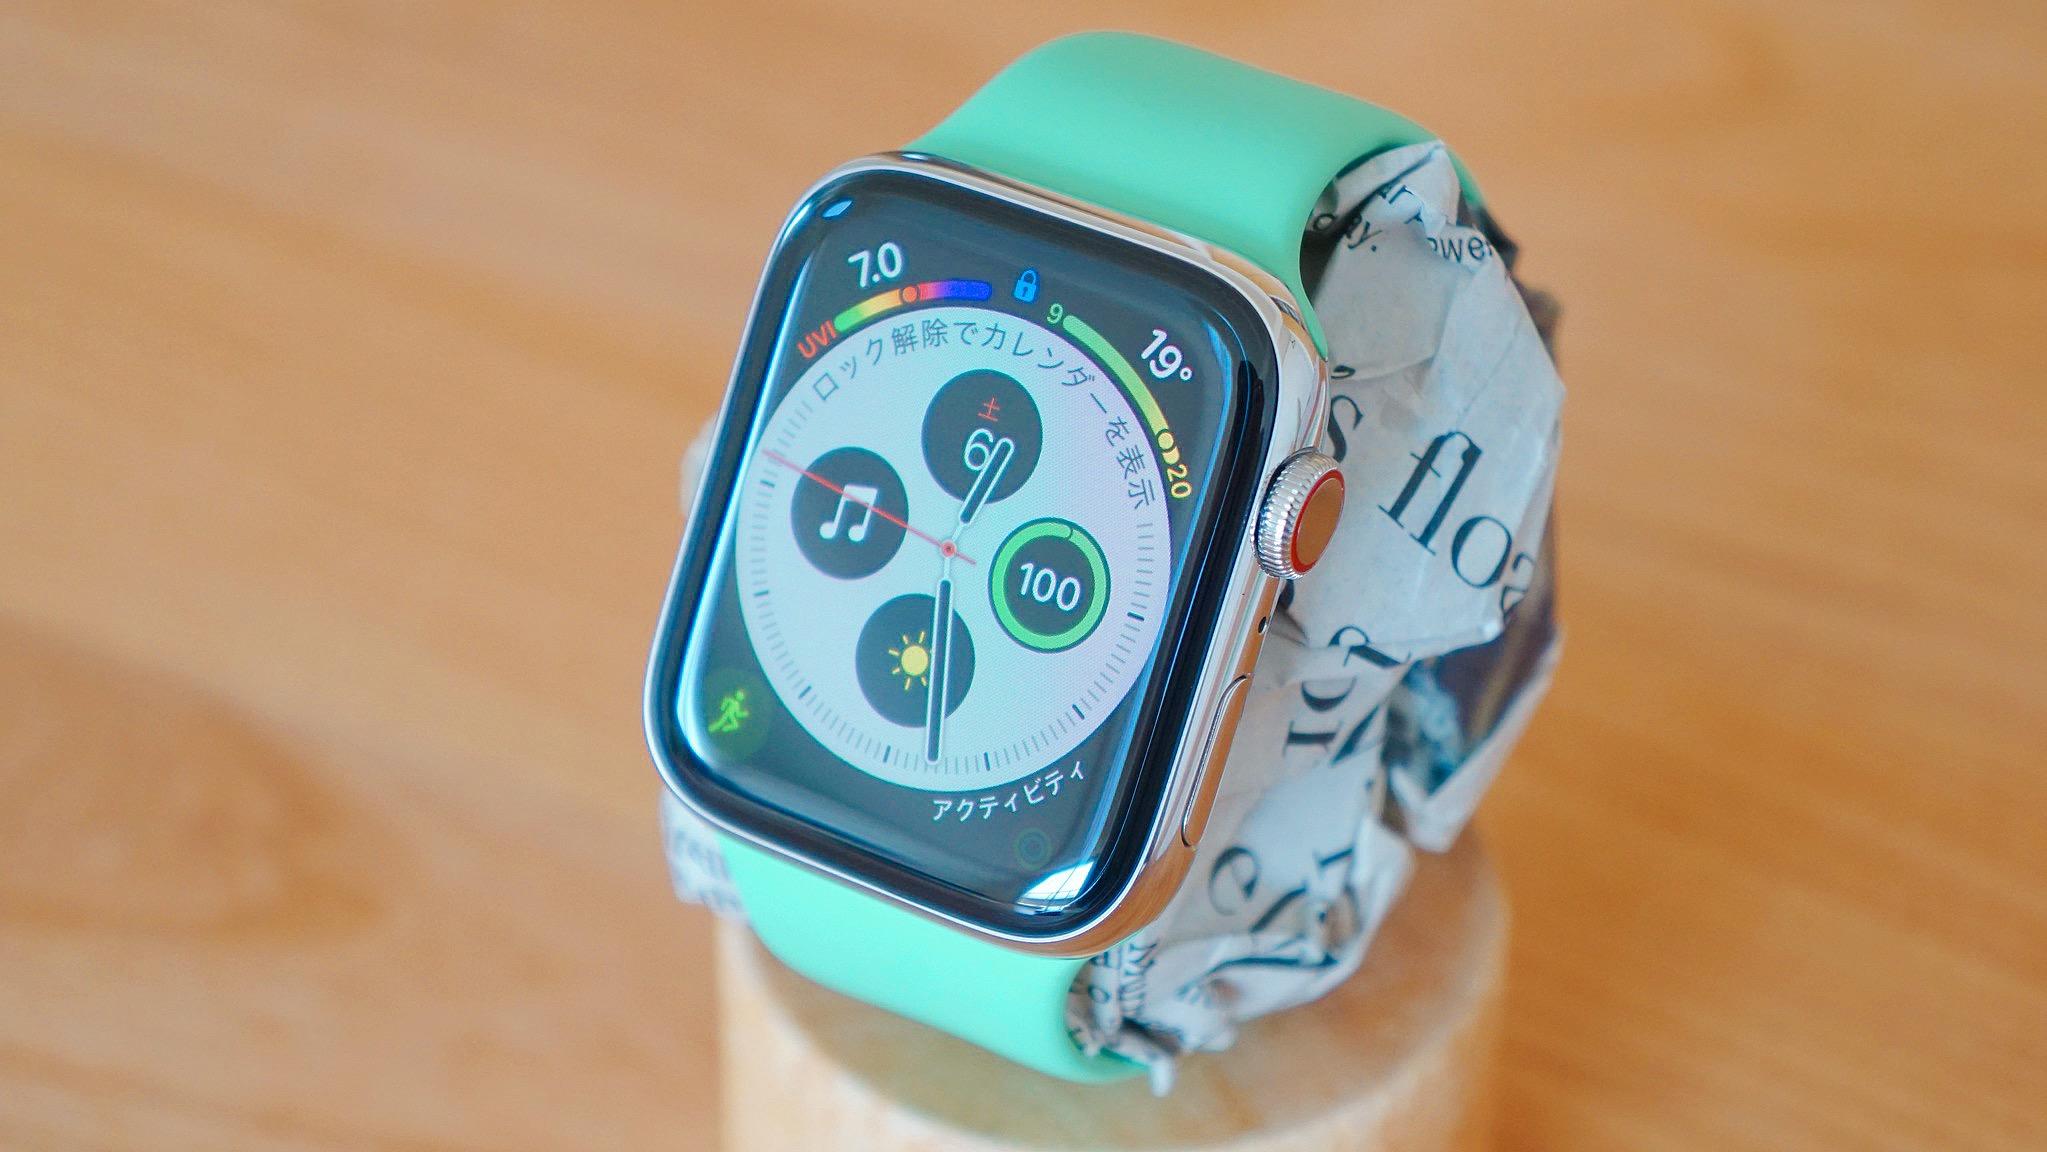 Apple Watch スペアミントスポーツバンド レビュー